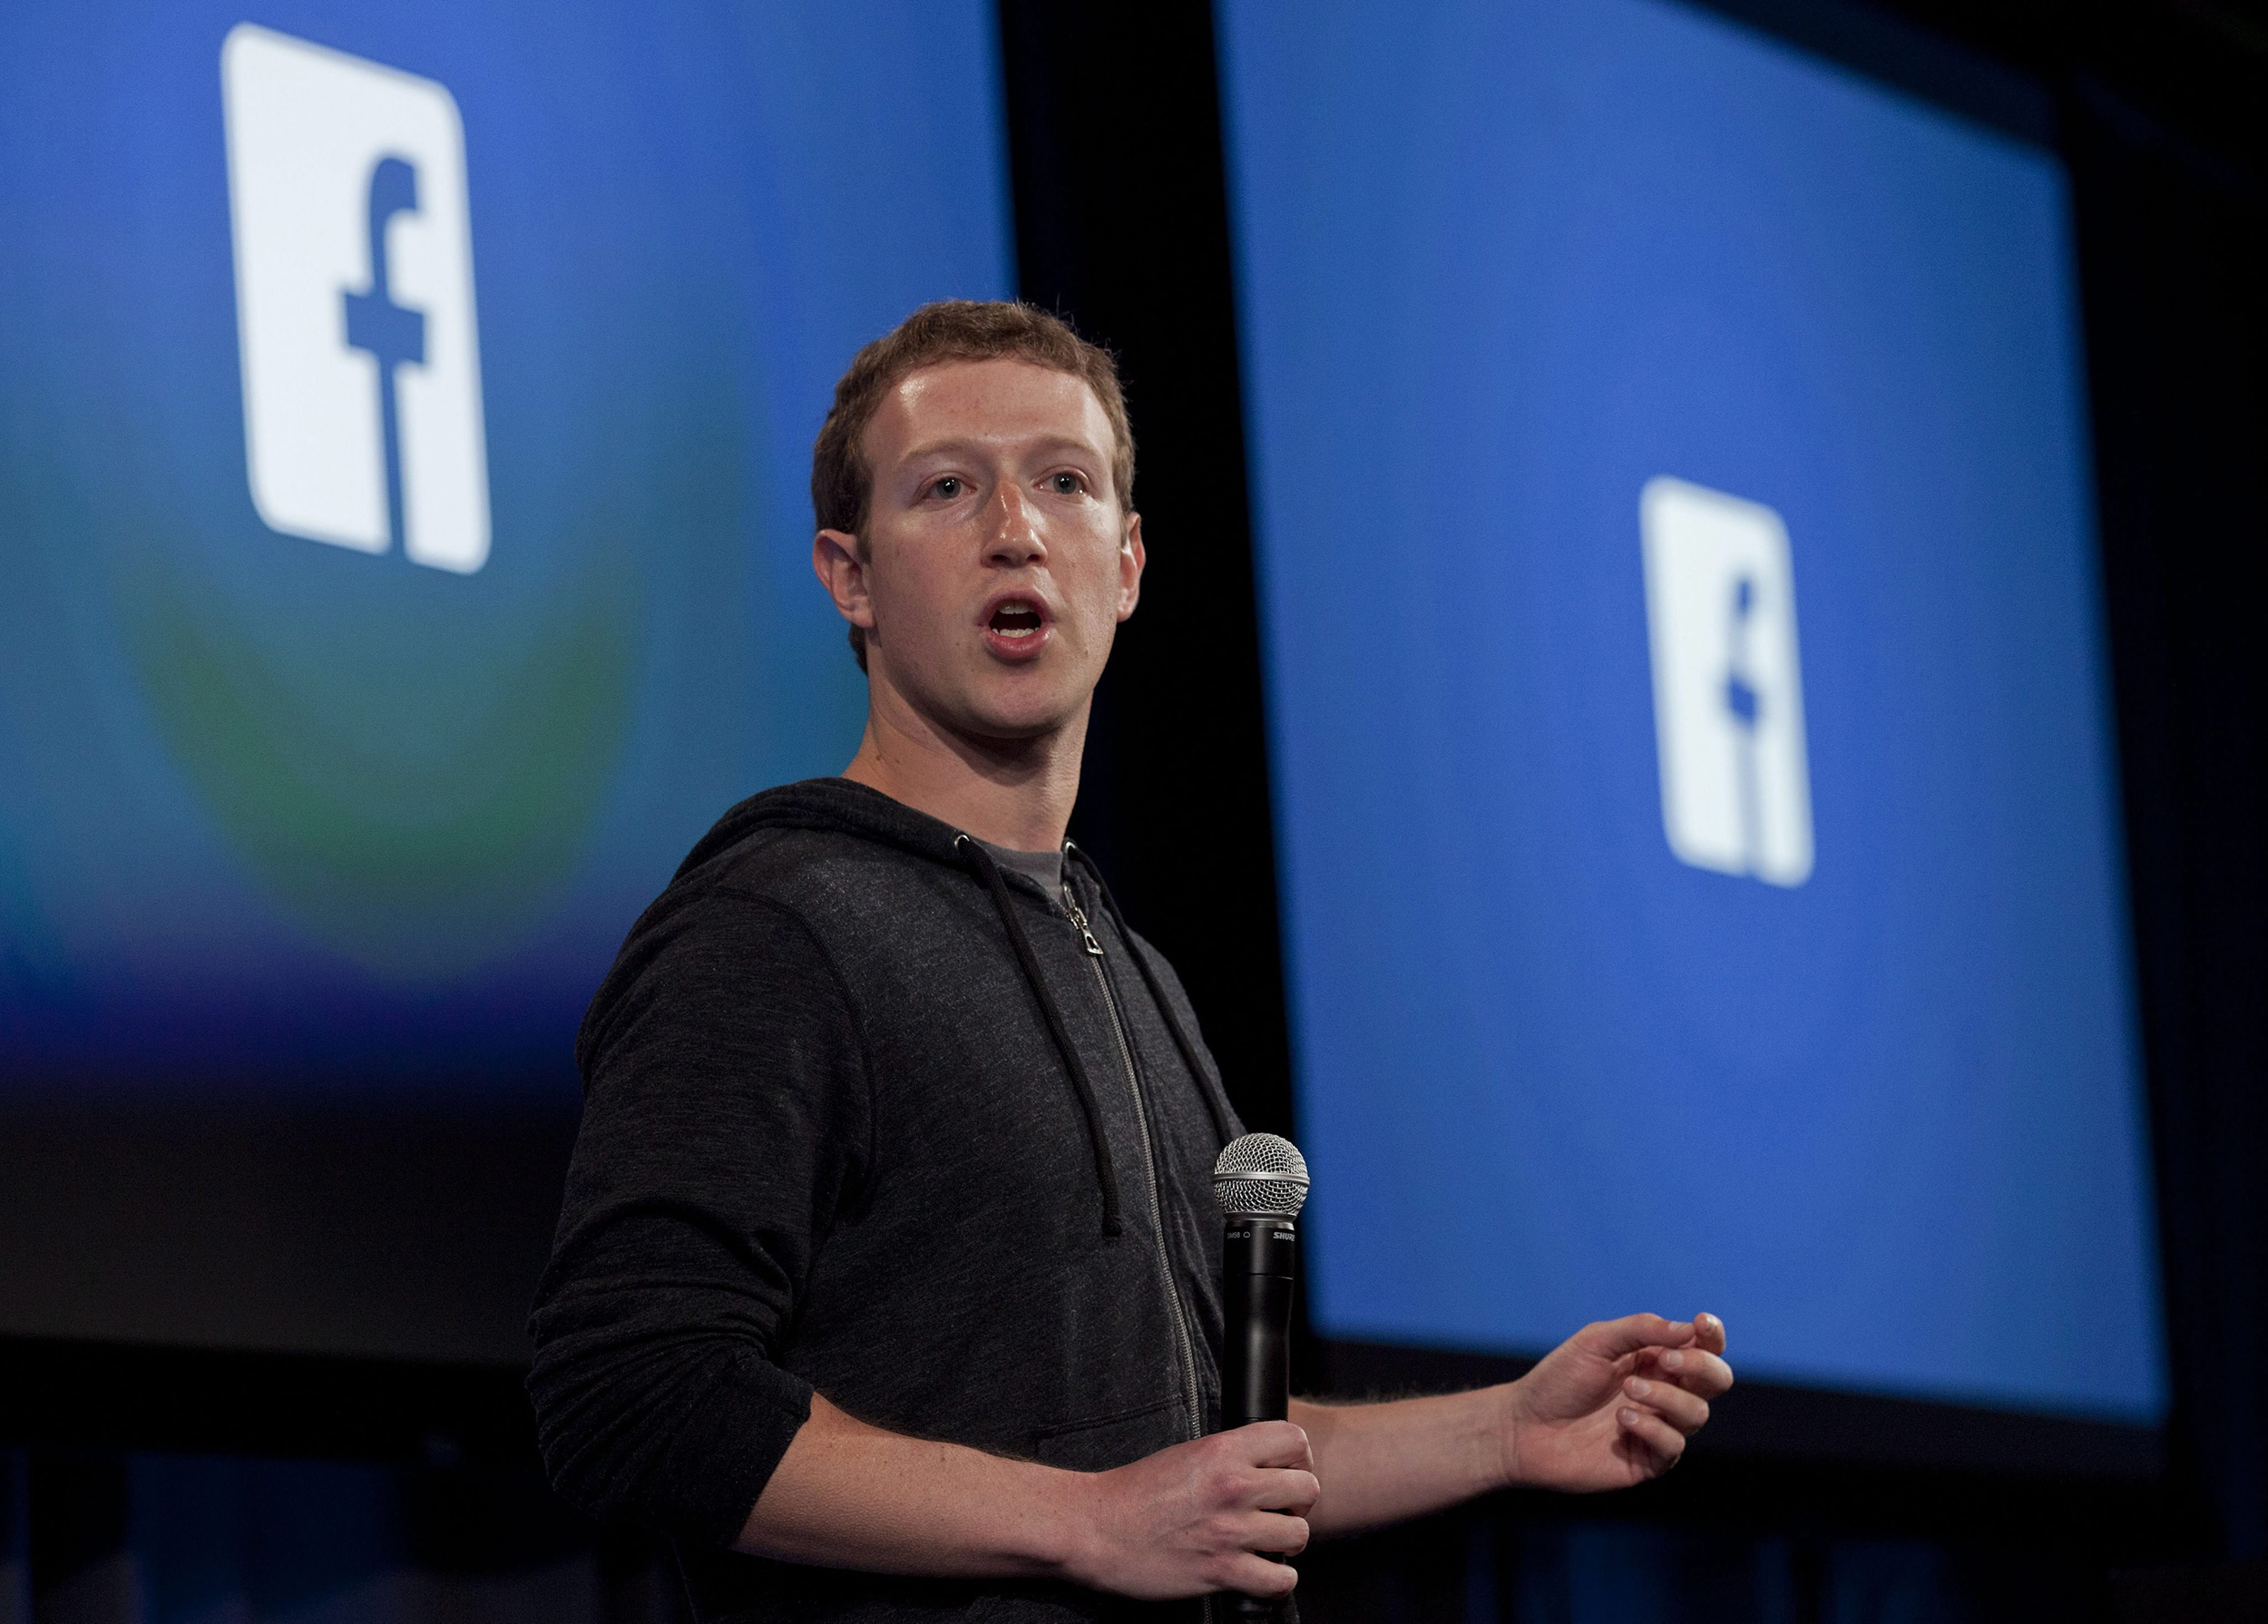 купить бухлель фото фейсбук будет начисляться